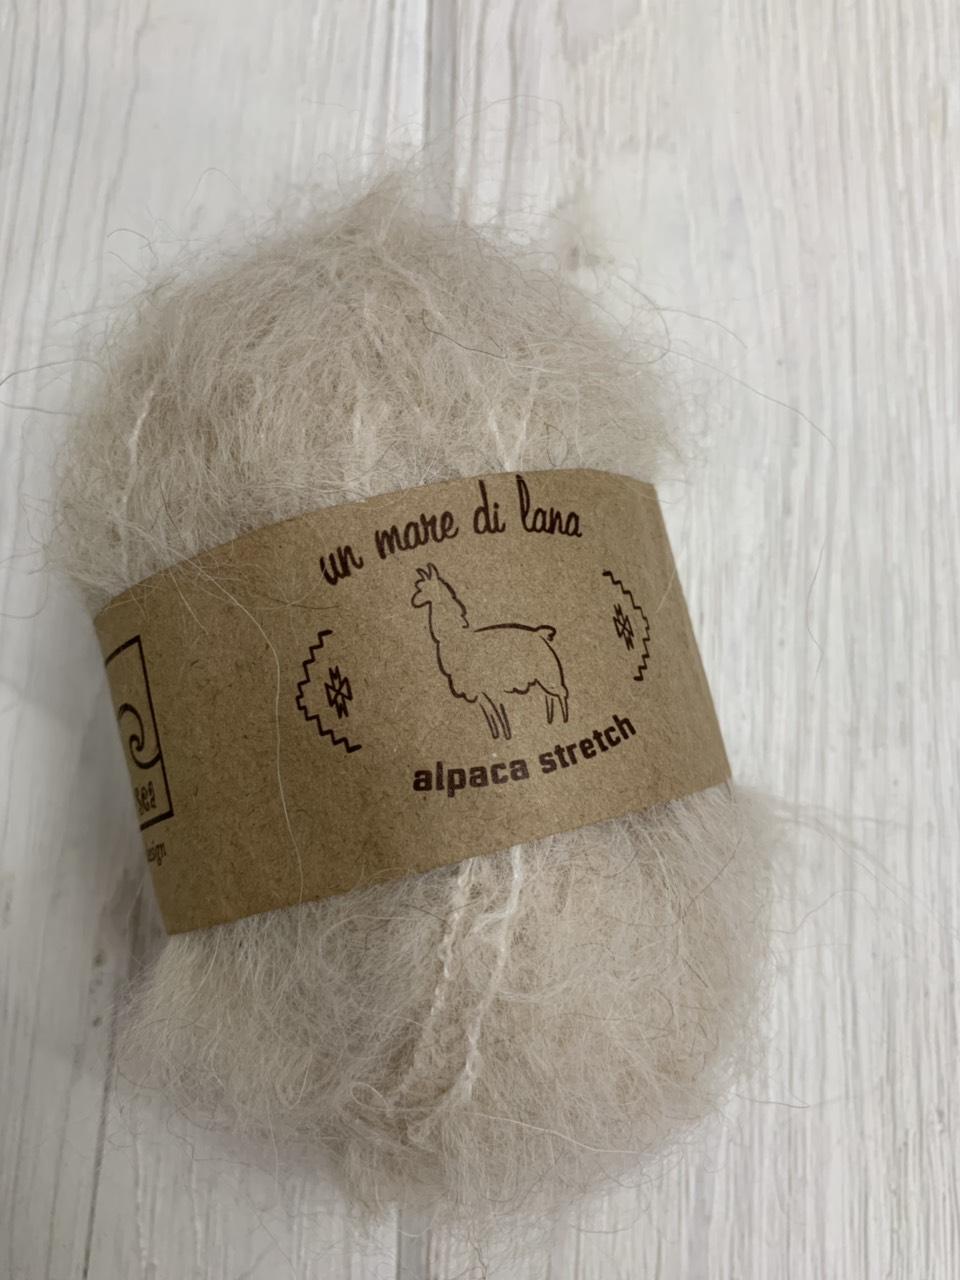 Alpaca Stretch Wool Sea (Альпака Стрейч Море шерсти) 270 - бежевый купить со скидкой в Беларуси